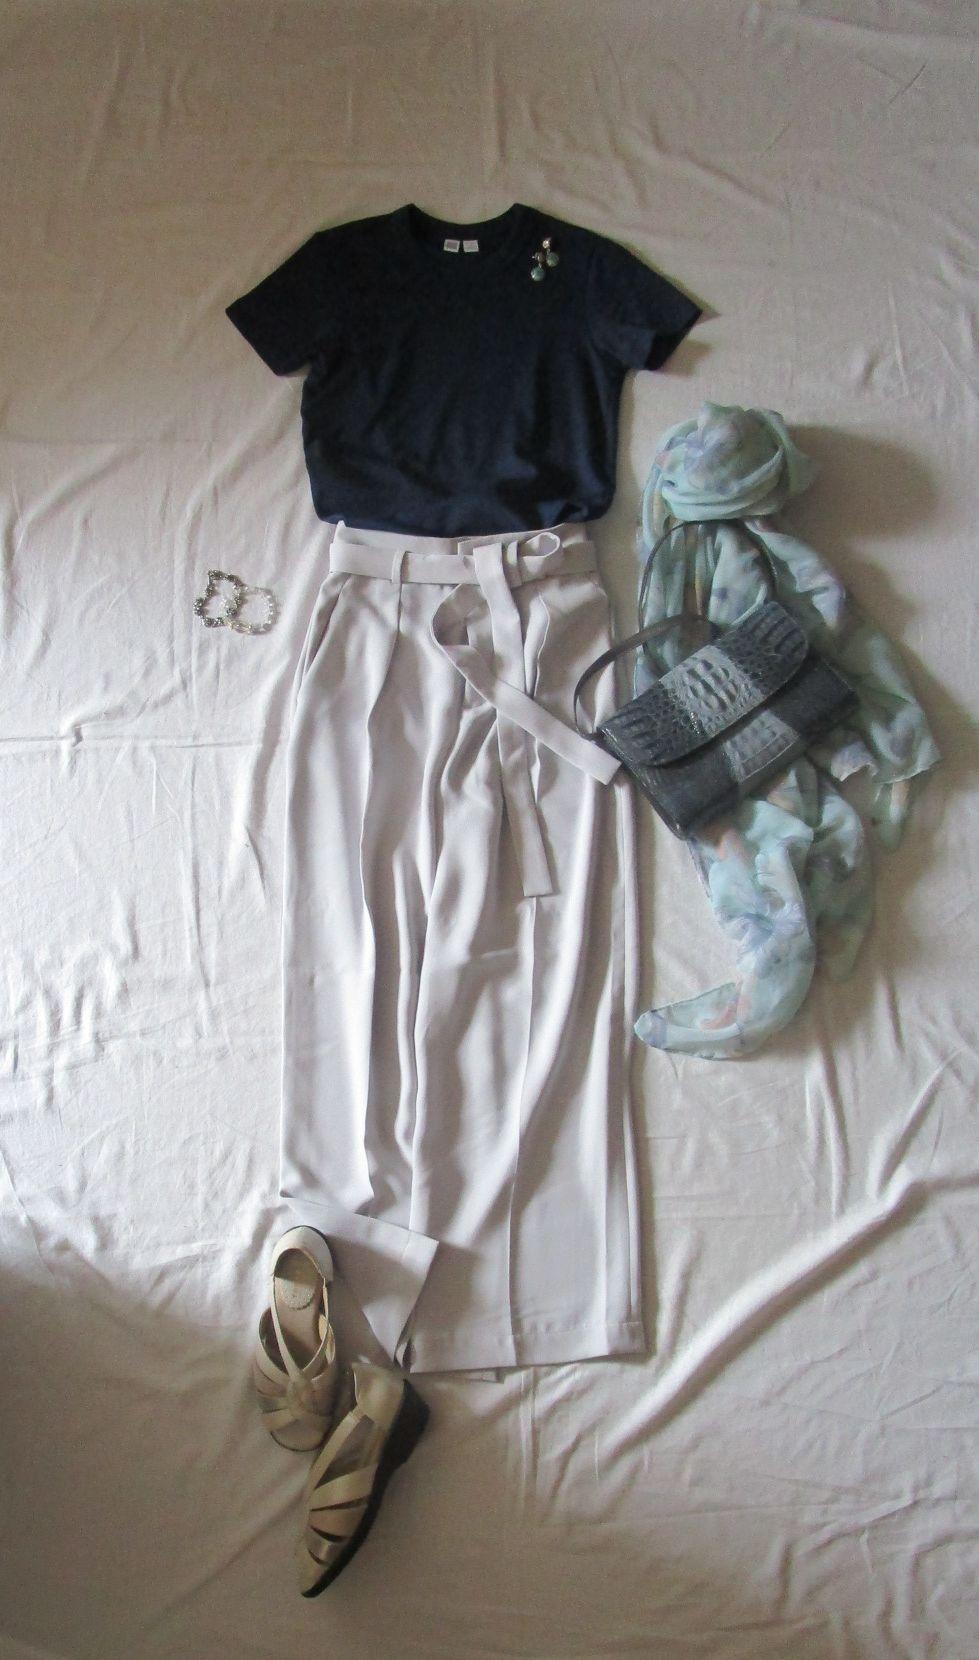 ユニクロユーのクルーネックTシャツ とワイドパンツコーデ (2)